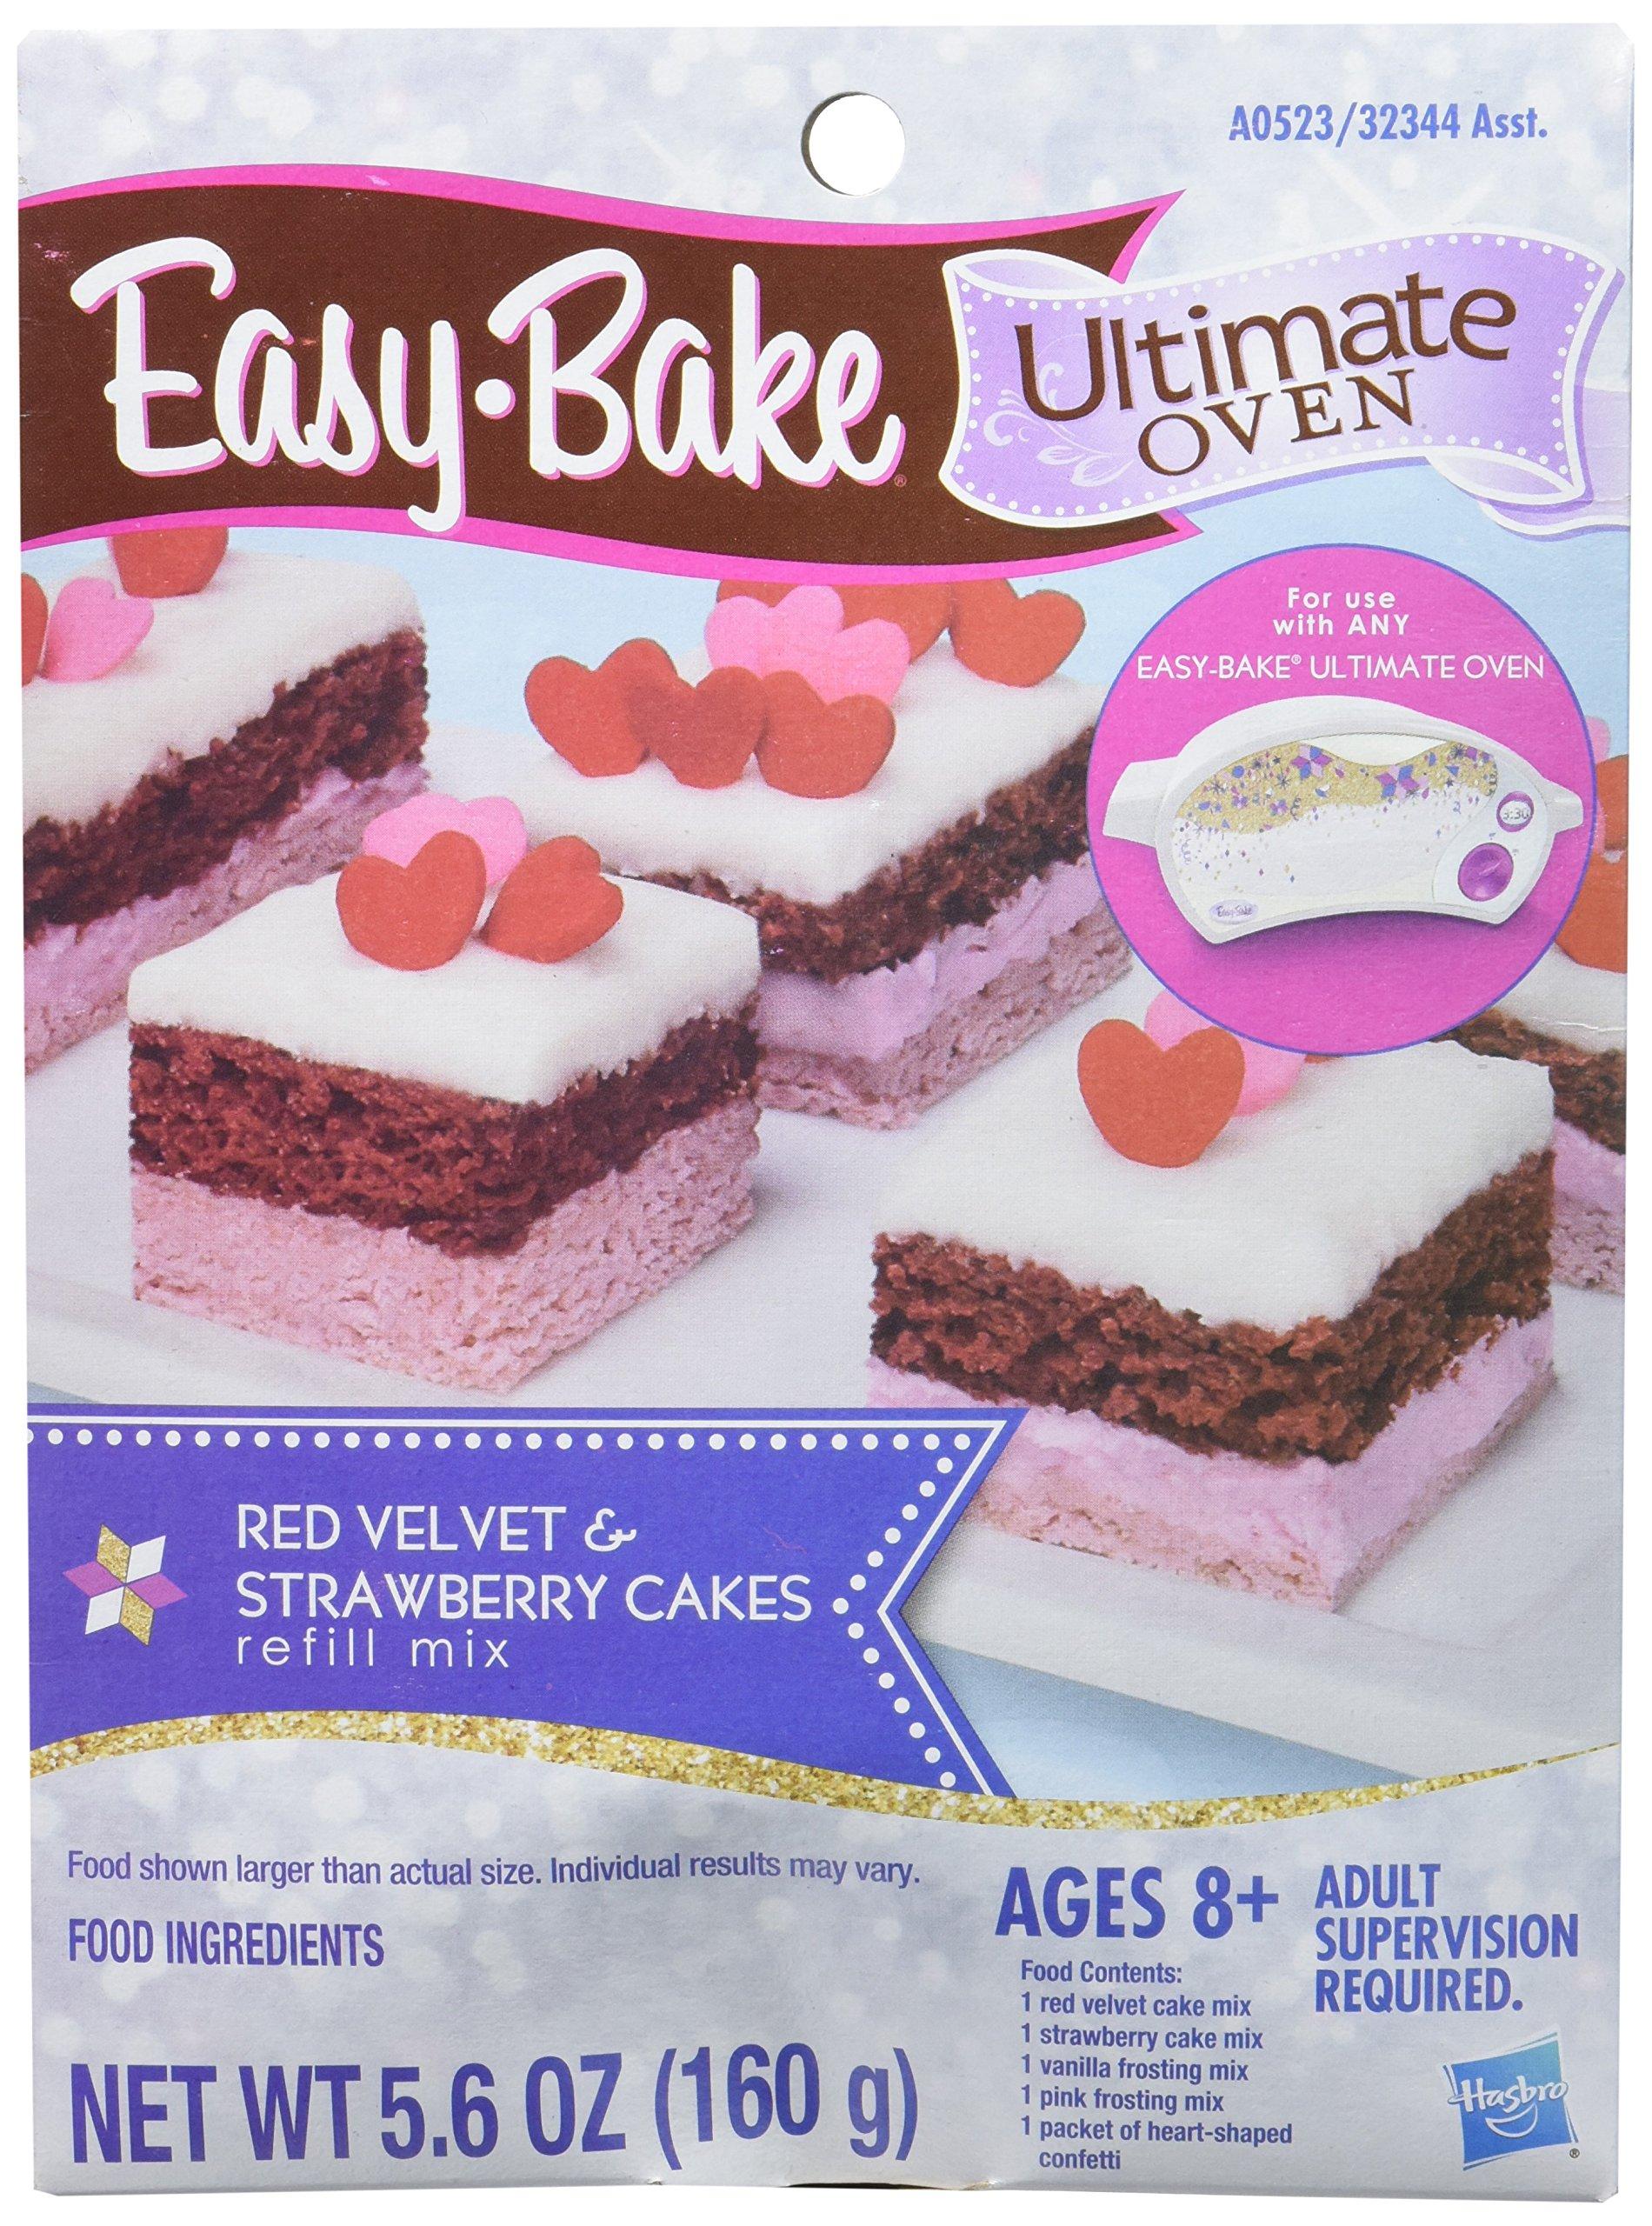 Easy-Bake Ultimate Oven Red Velvet and Strawberry Cakes Refill Pack by Easy Bake